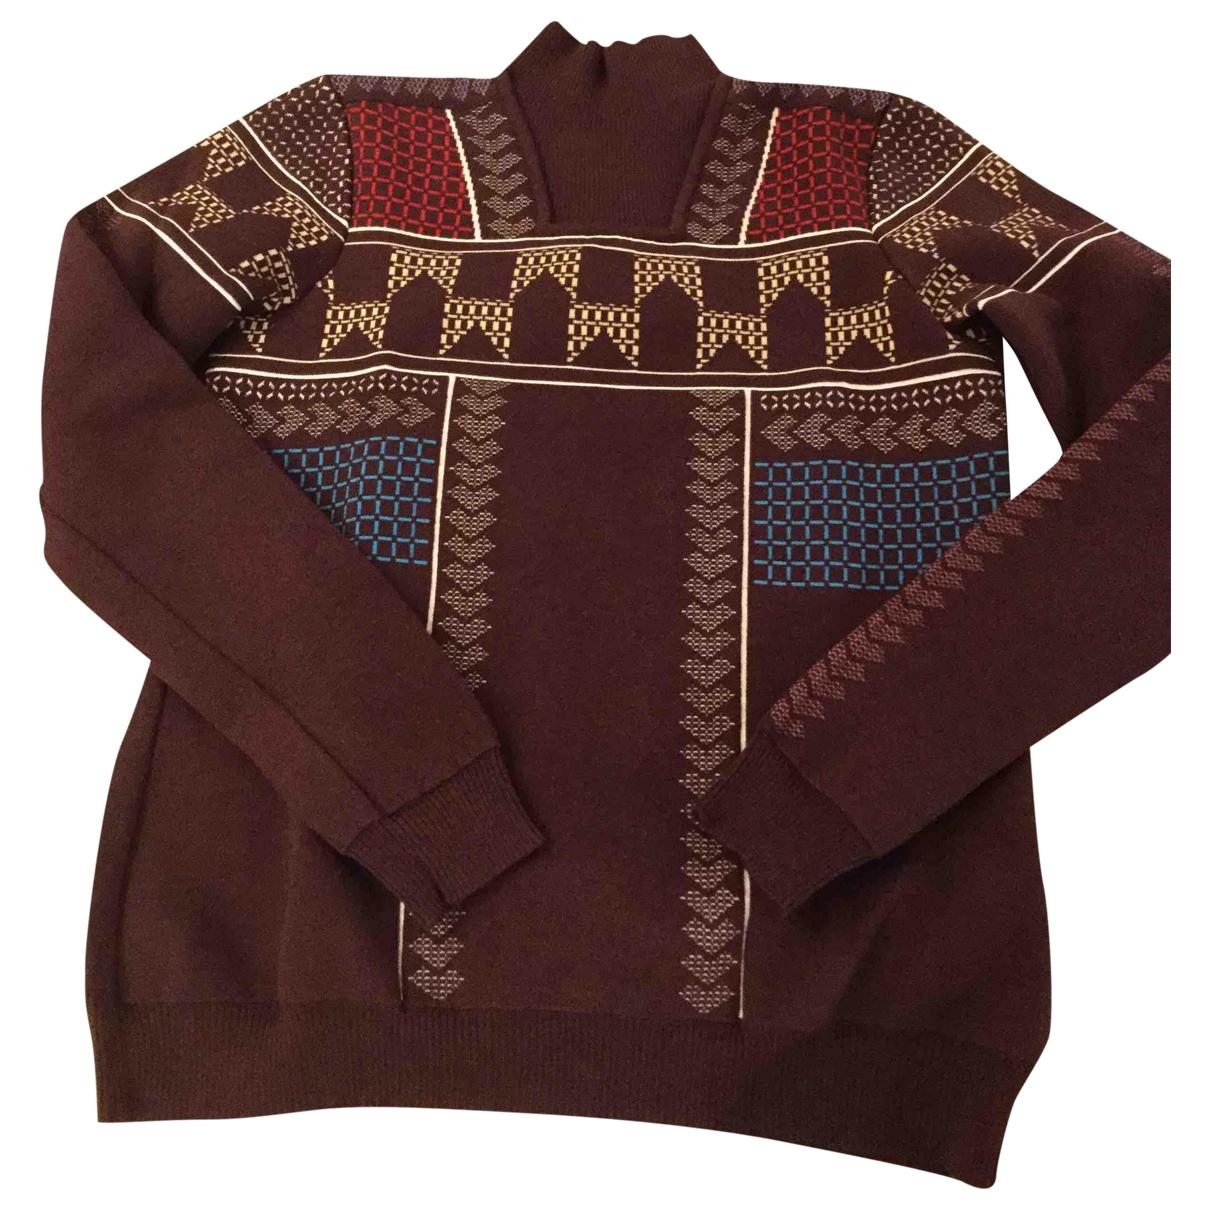 Peter Pilotto - Pull   pour femme en laine - bordeaux